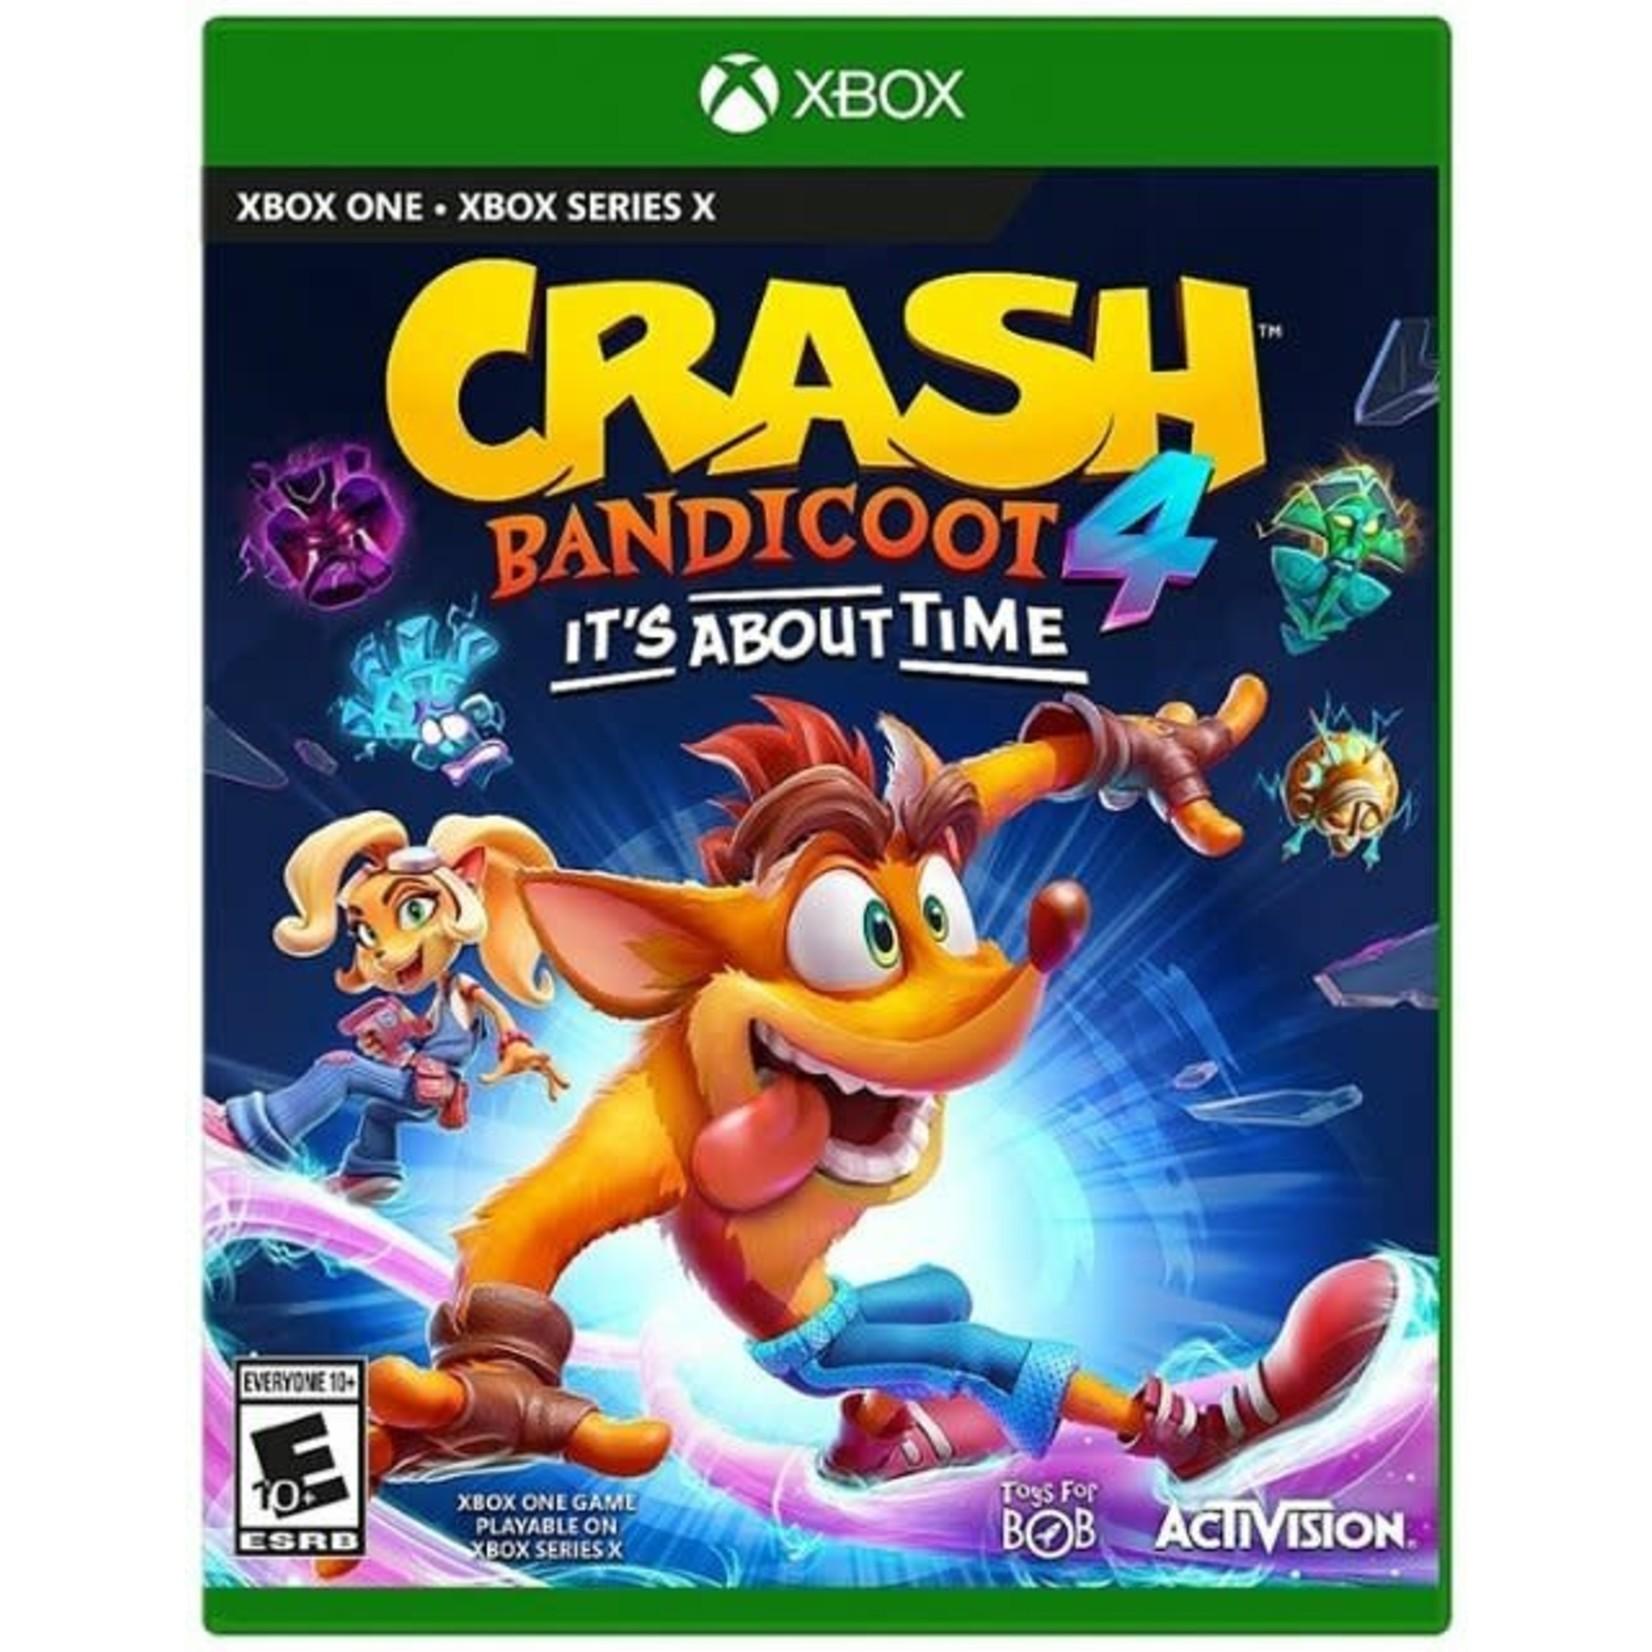 XB1-Crash Bandicoot 4: It's About Time